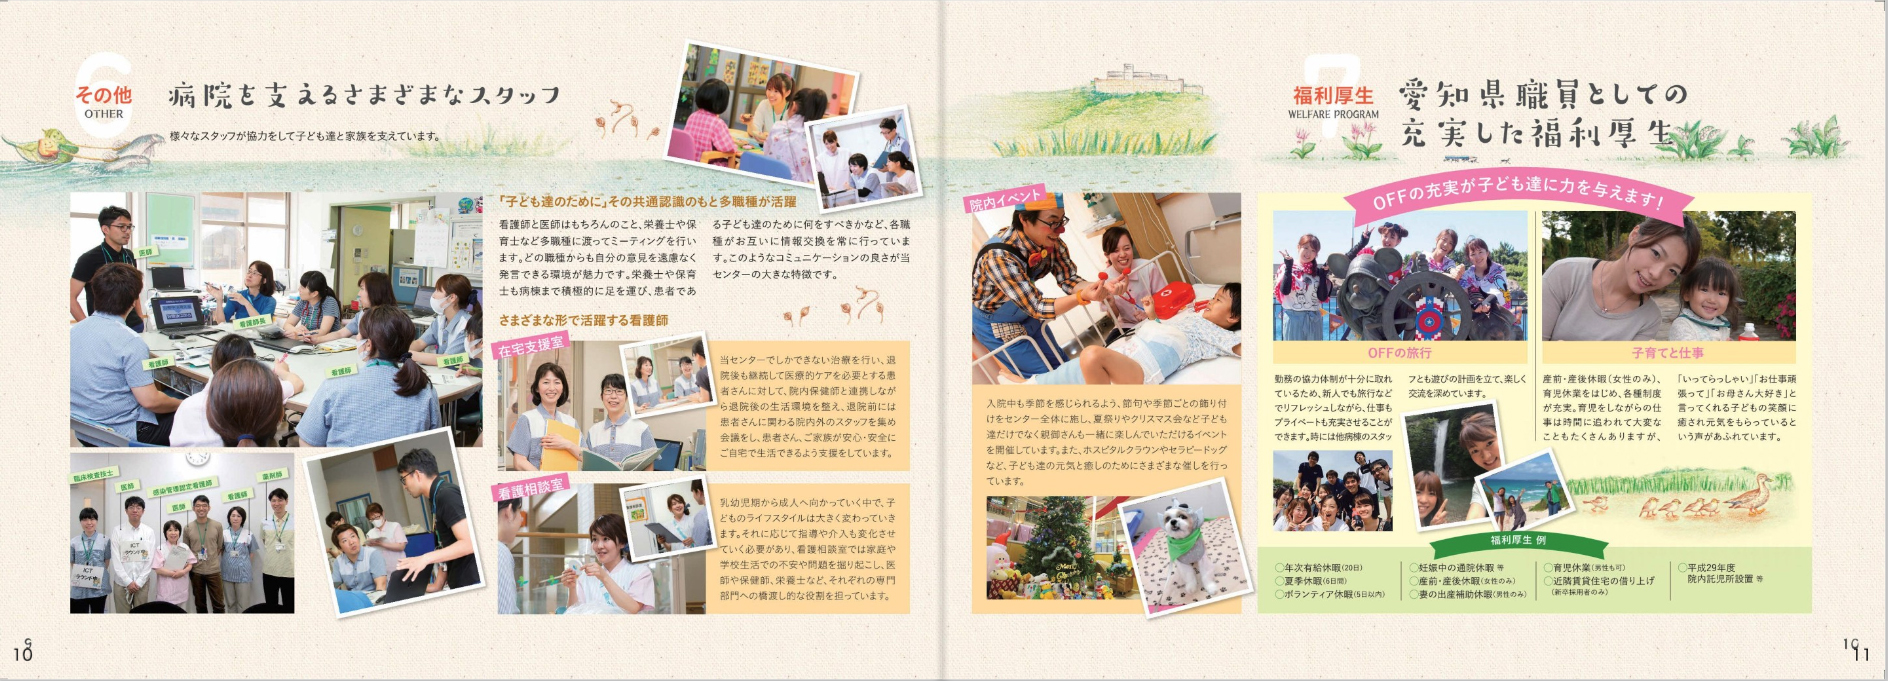 2018年4月作成「あいち小児保健医療総合センター」看護部パンフレット_サブ画像